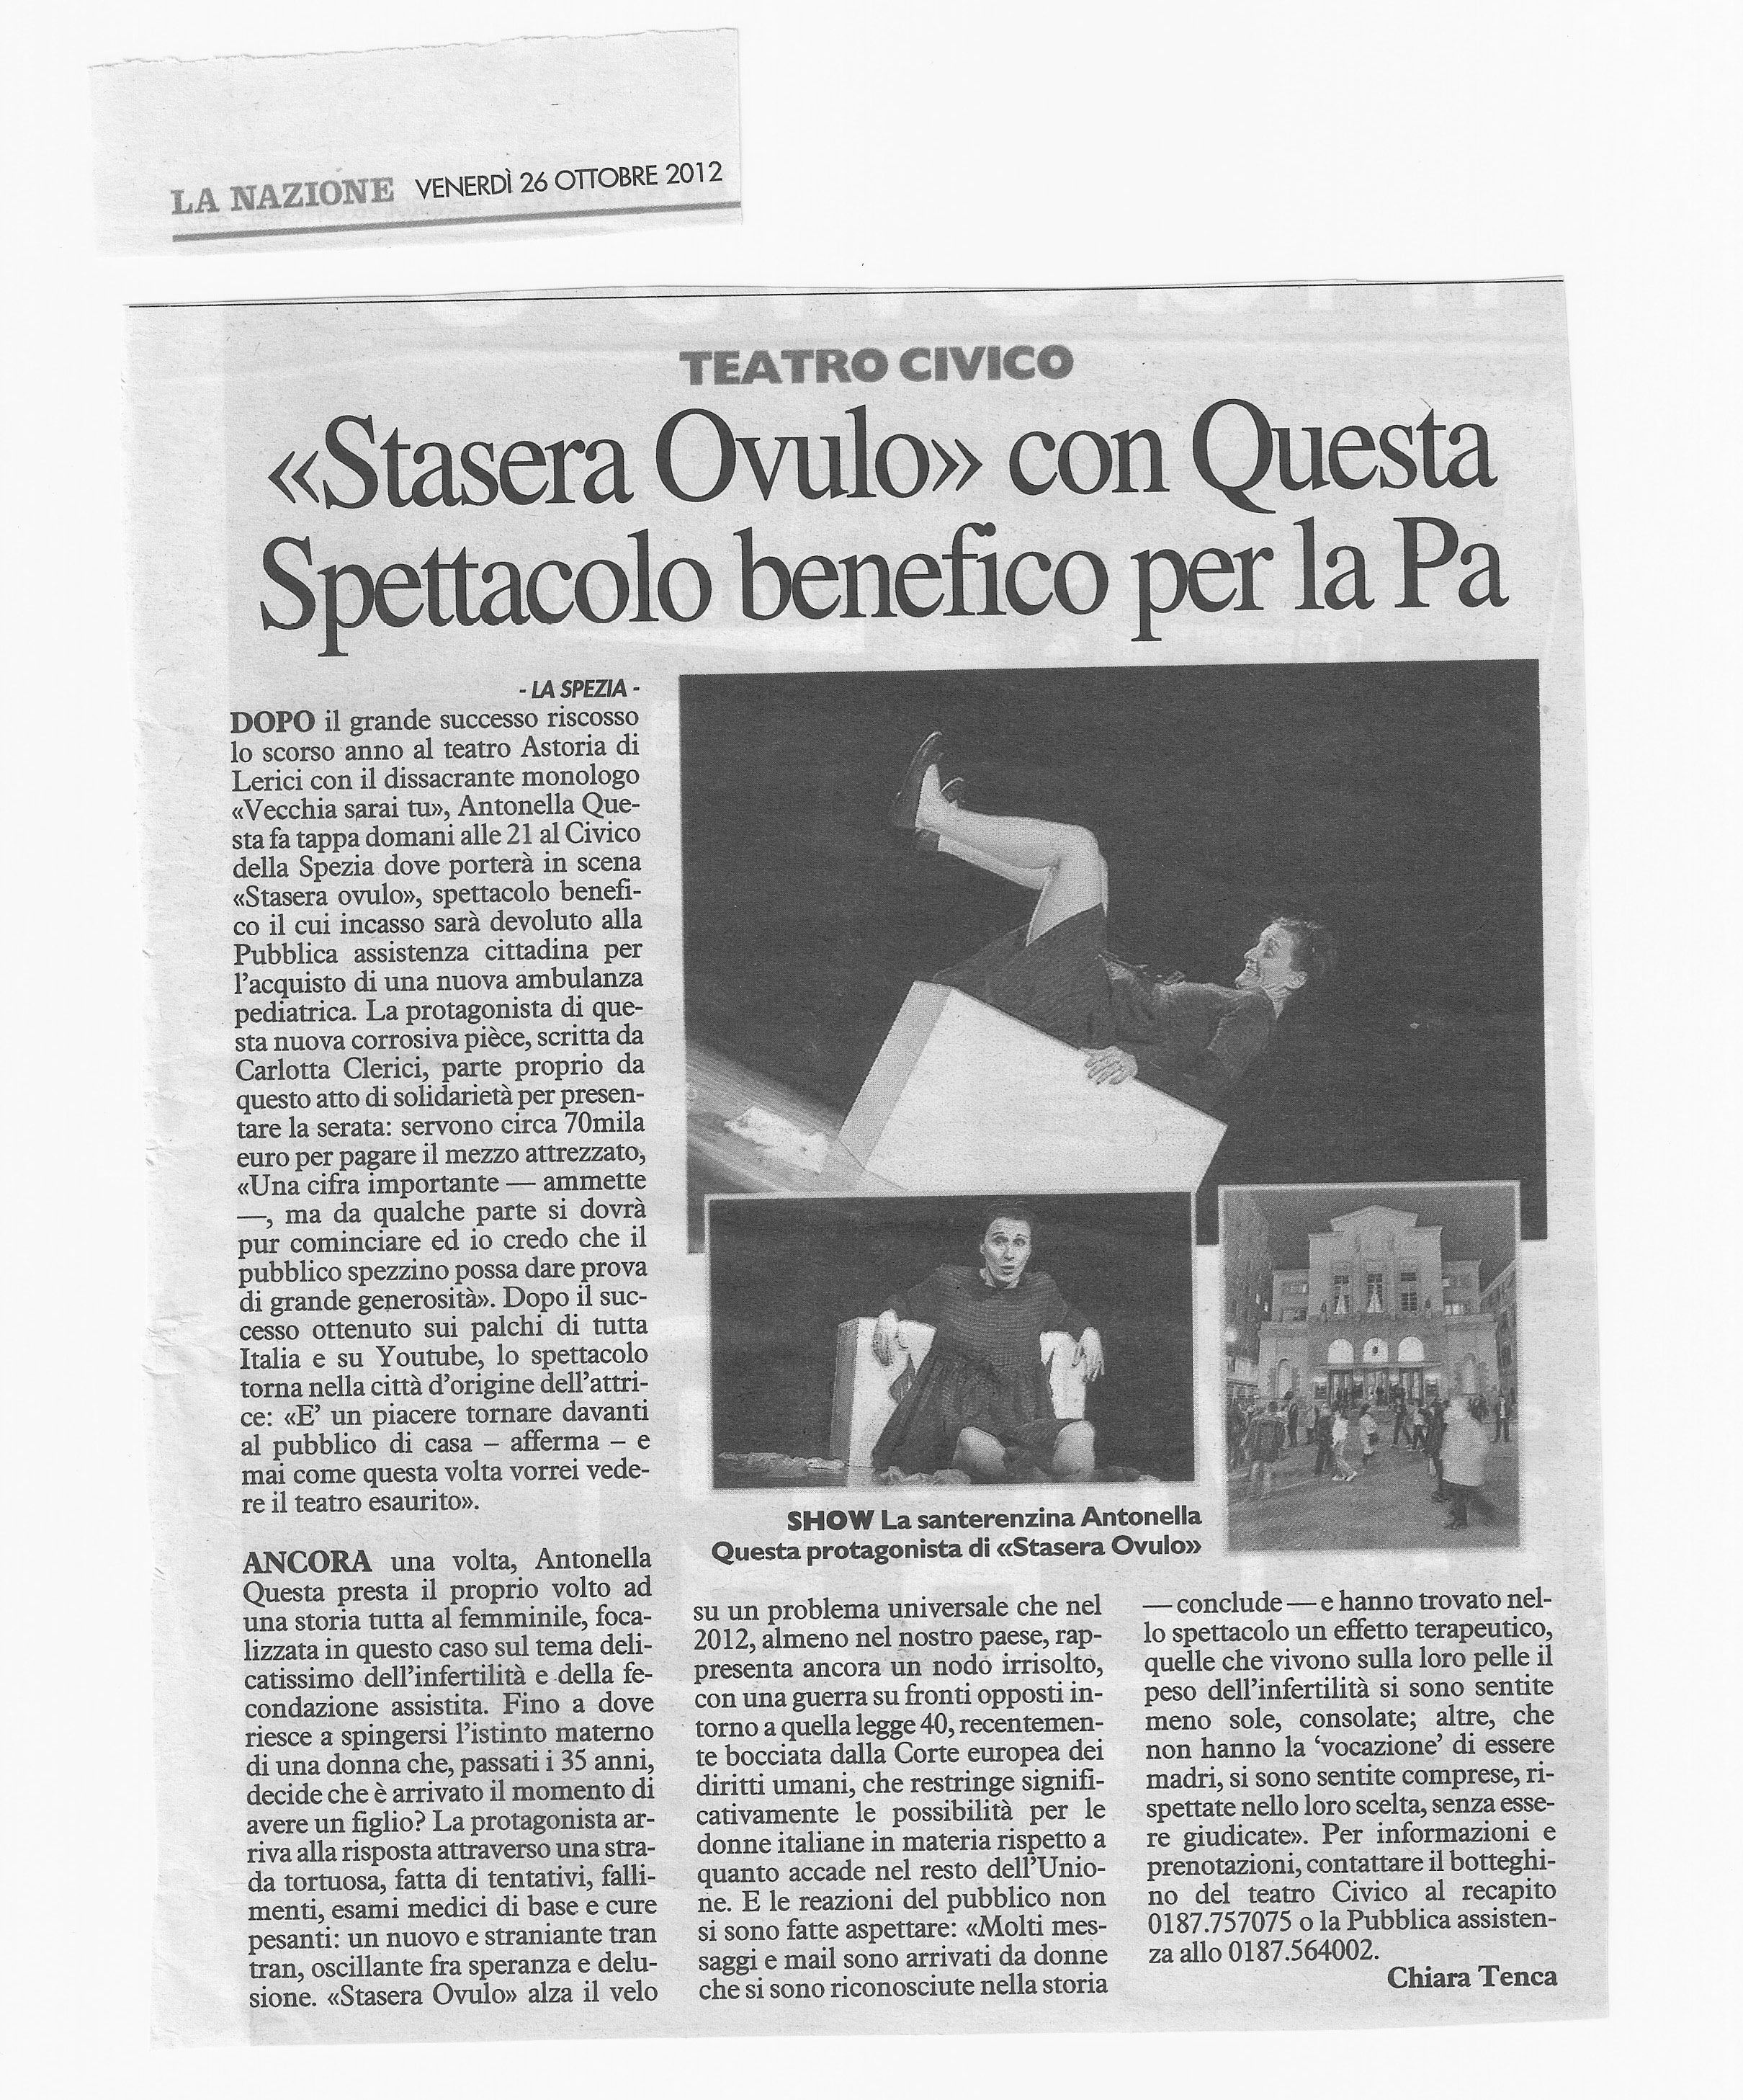 STASERA OVULO @ Teatro Civico - Spezia - 26/10/12 serata benefica